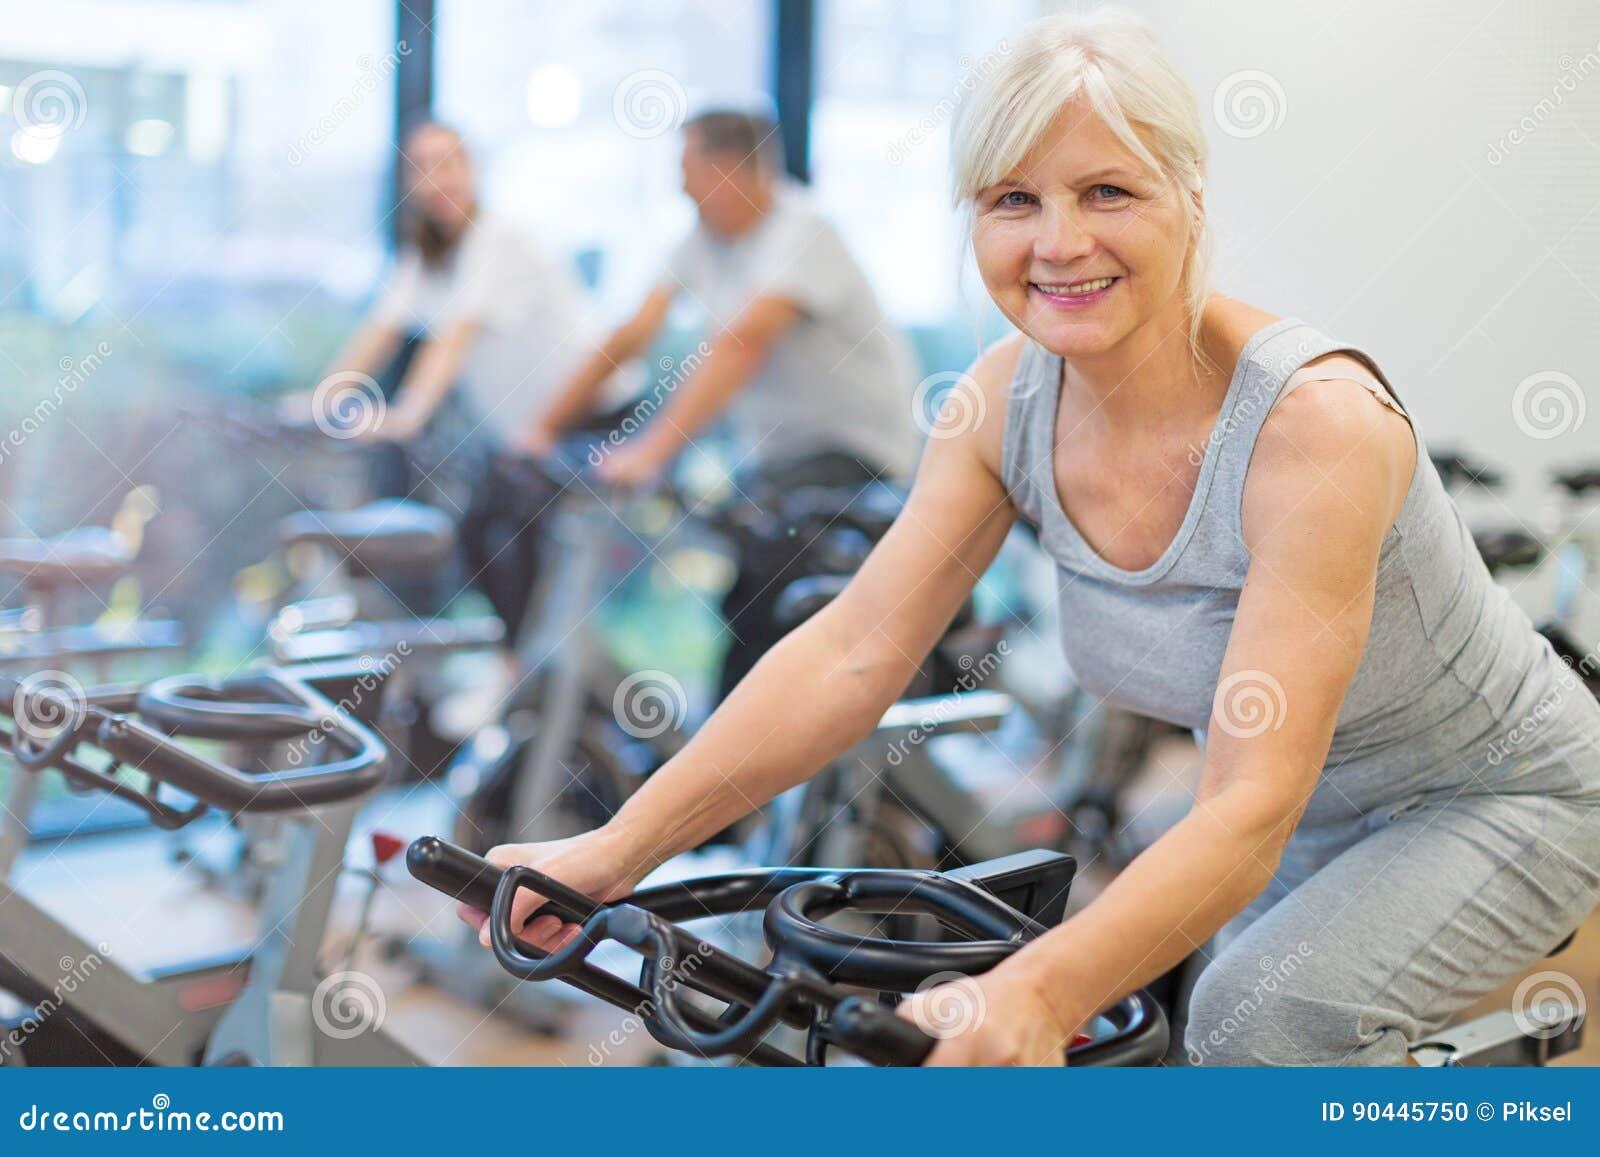 Πρεσβύτεροι στα ποδήλατα άσκησης στην περιστροφή της κατηγορίας στη γυμναστική